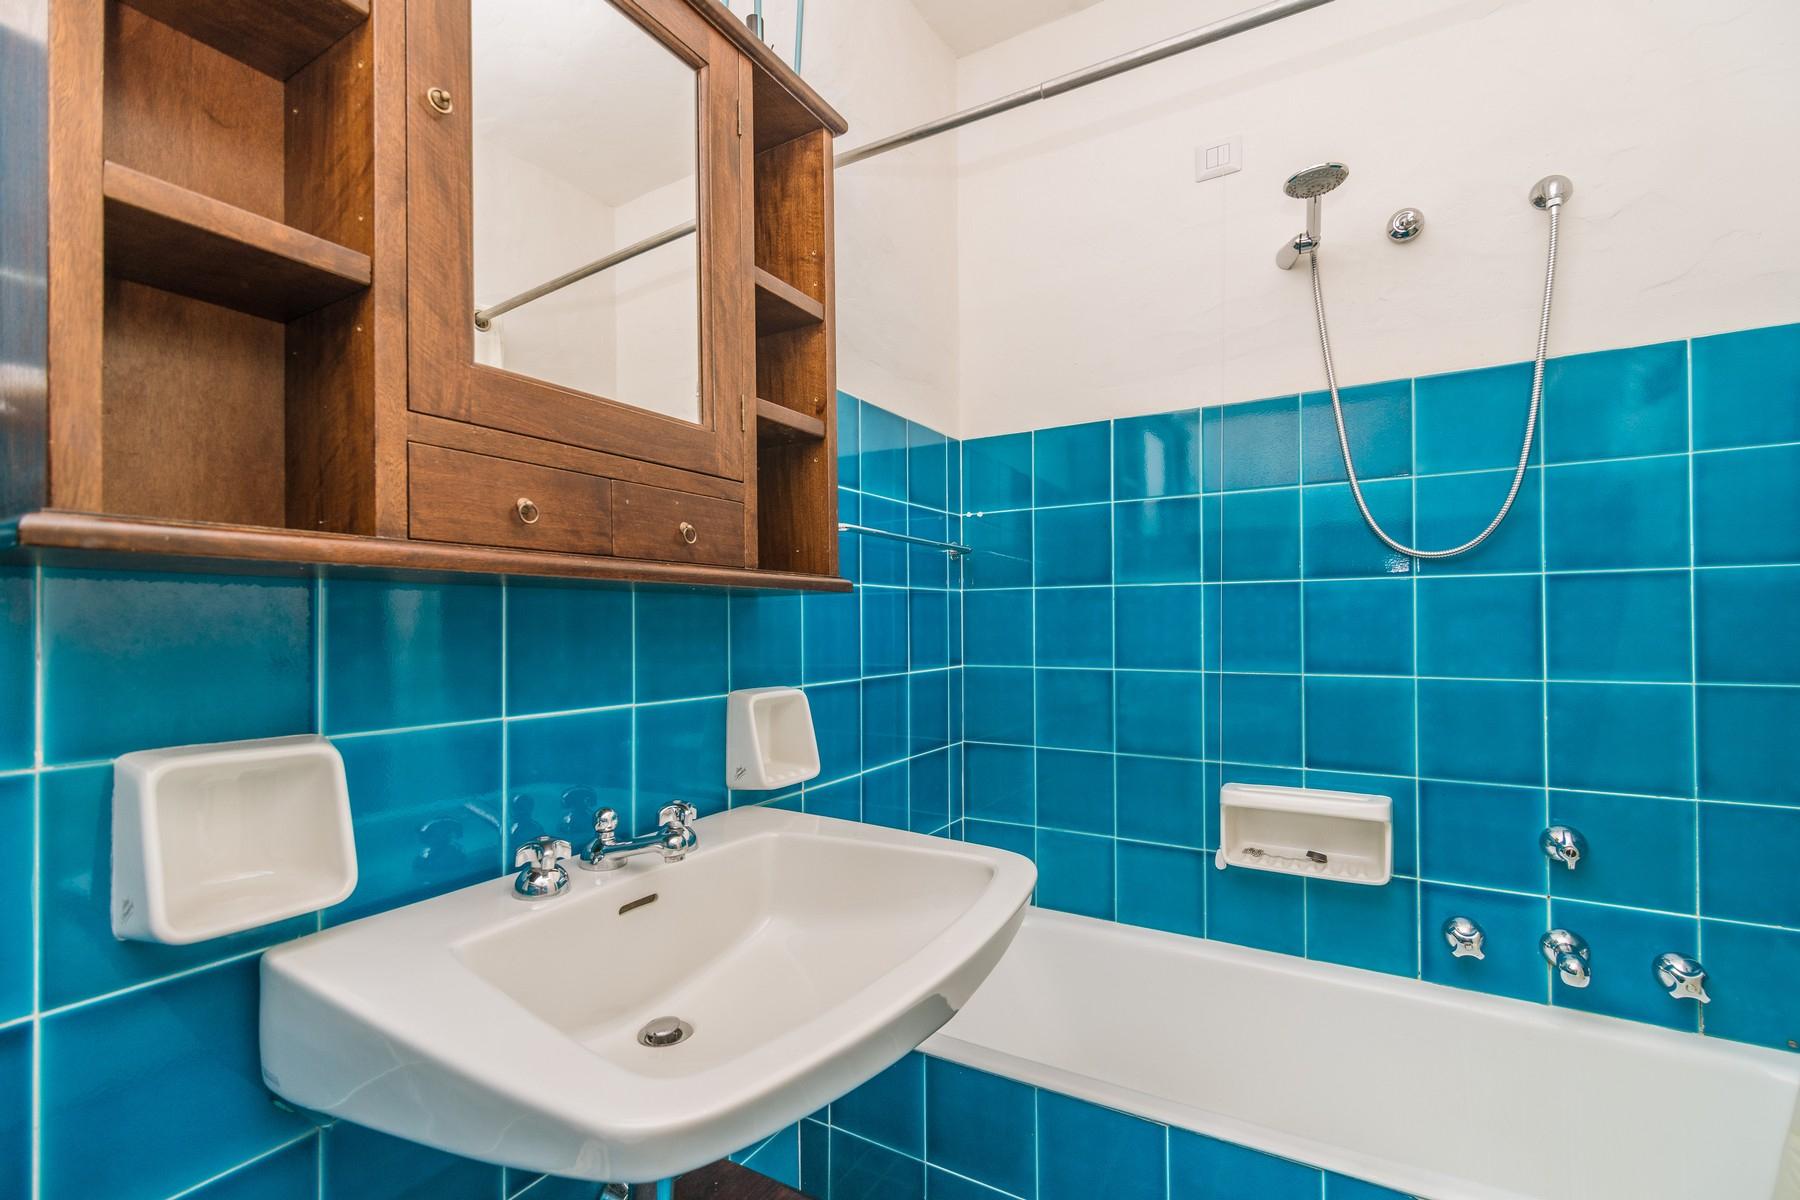 Appartamento in Vendita a Arzachena: 5 locali, 105 mq - Foto 10